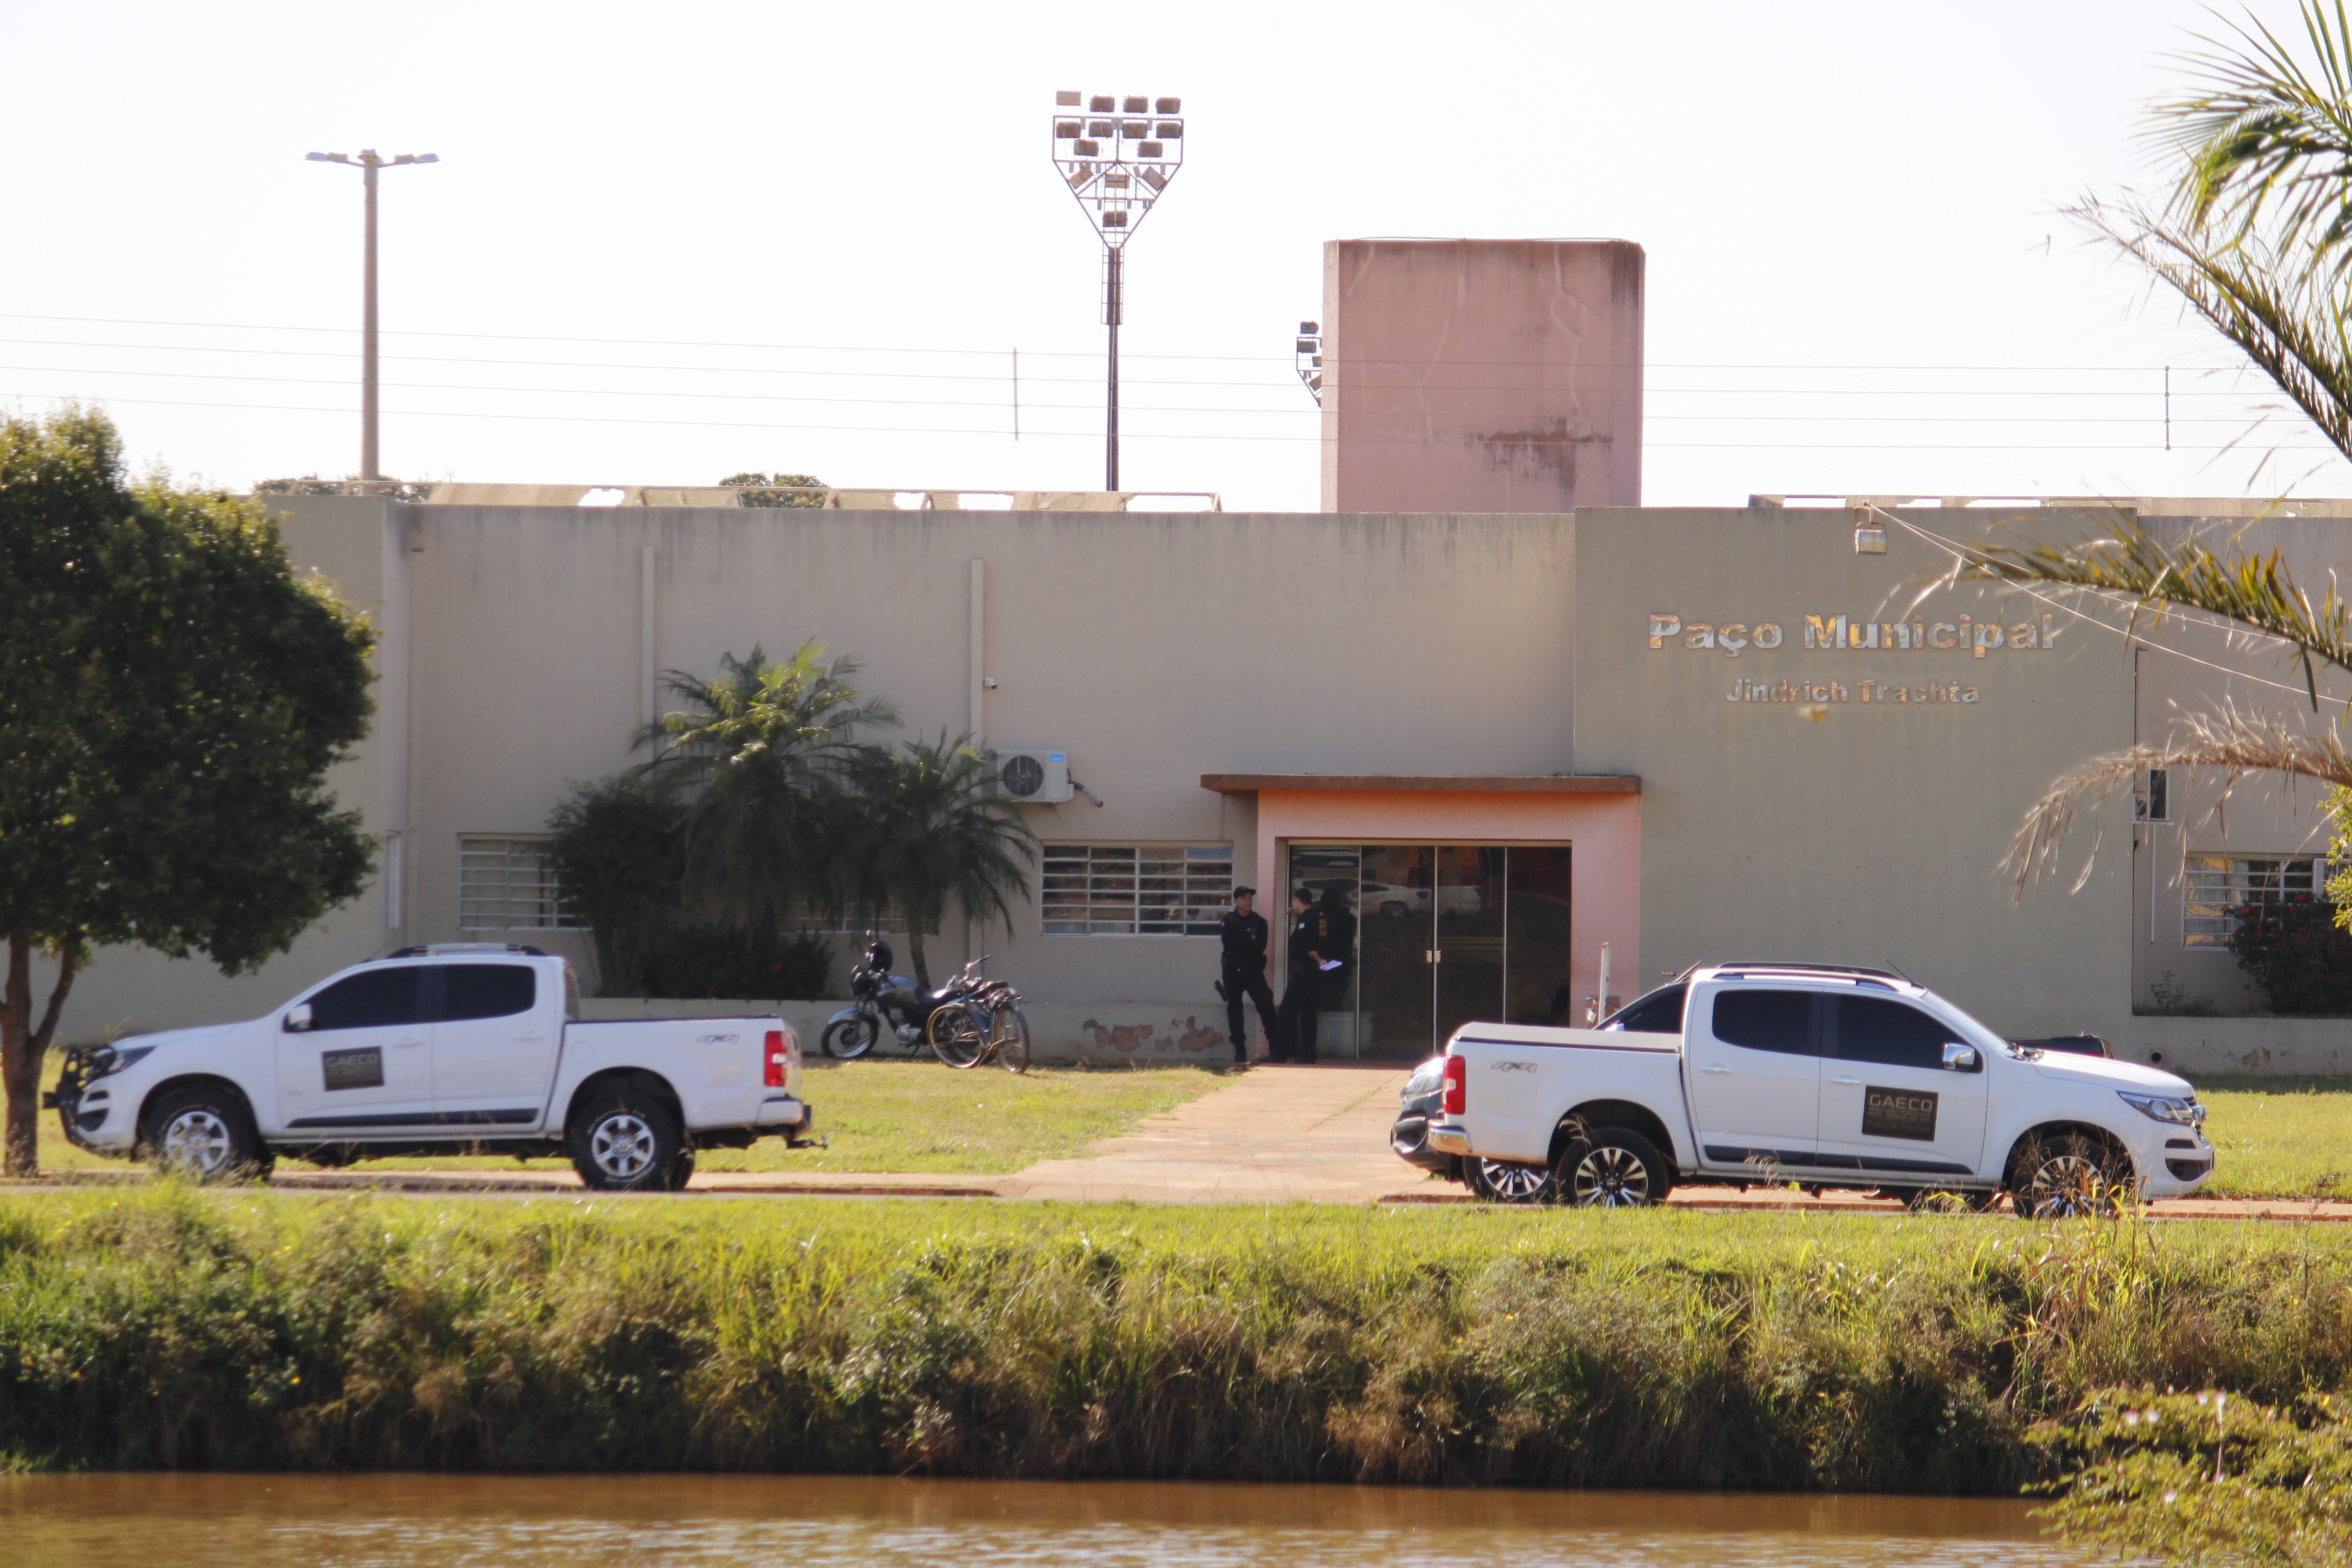 Movimentação de agentes do Gaeco em frente a prefeitura - Foto: Jornal da Nova